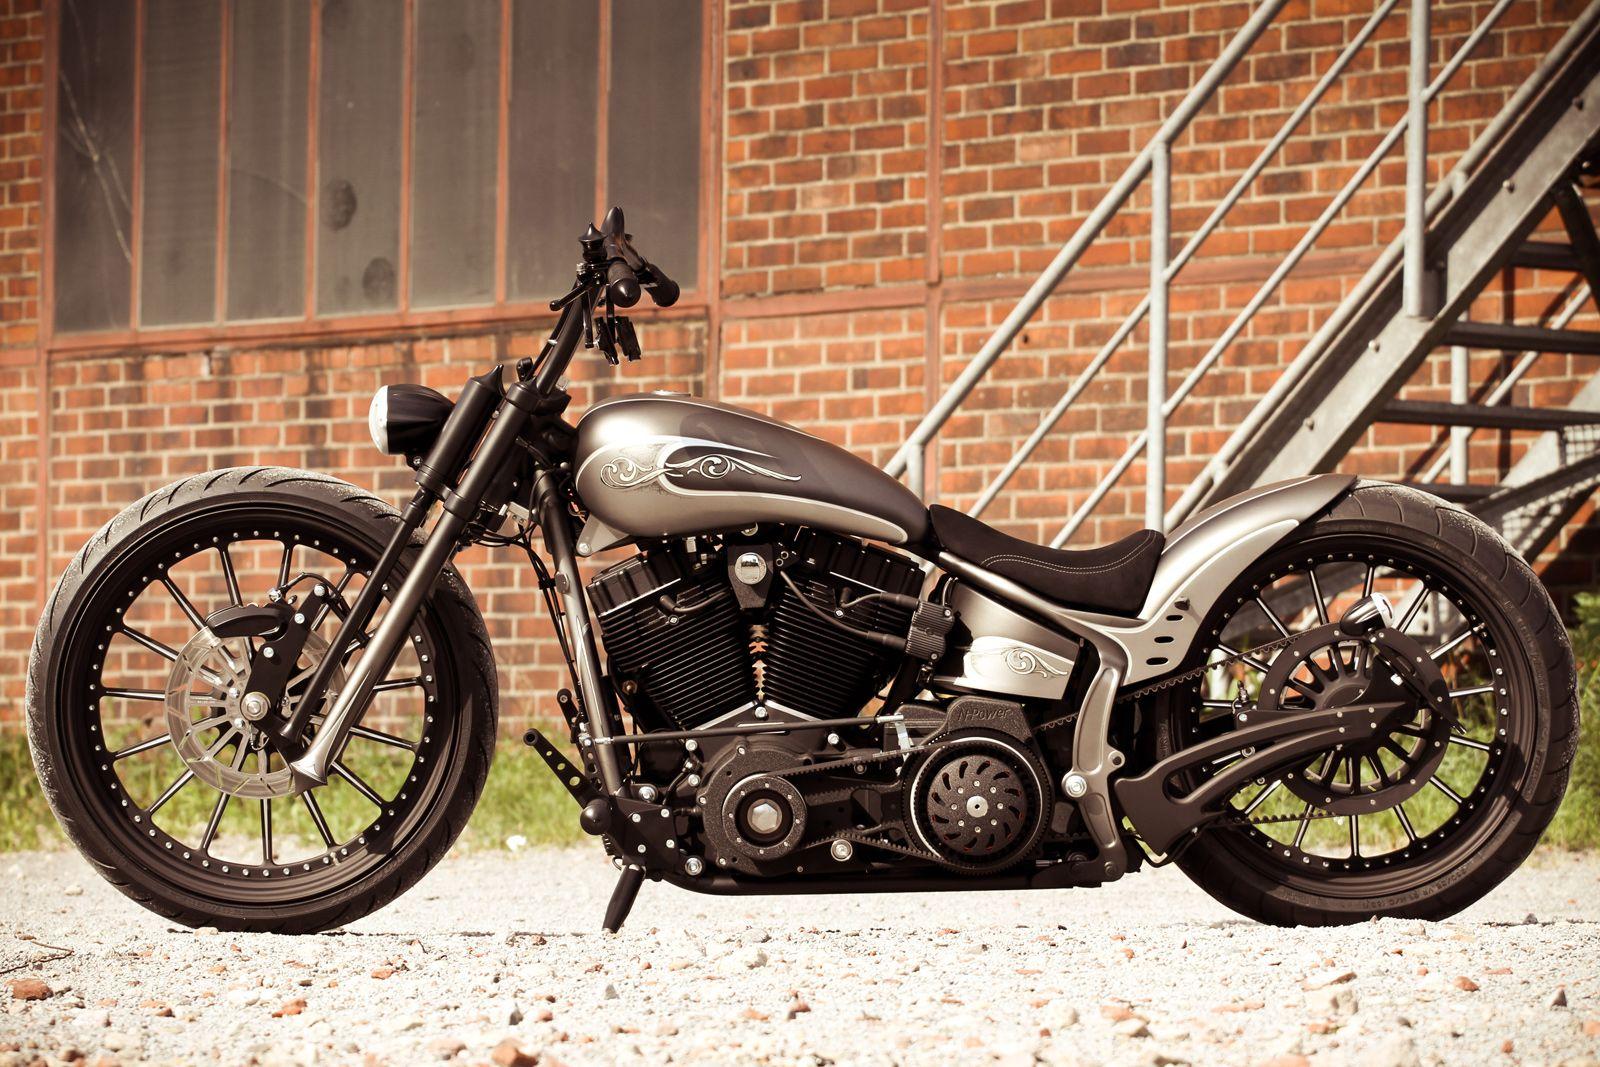 Thunderbike Air Ride Luftfahrwerk für Softail ab 00 ohne ABS